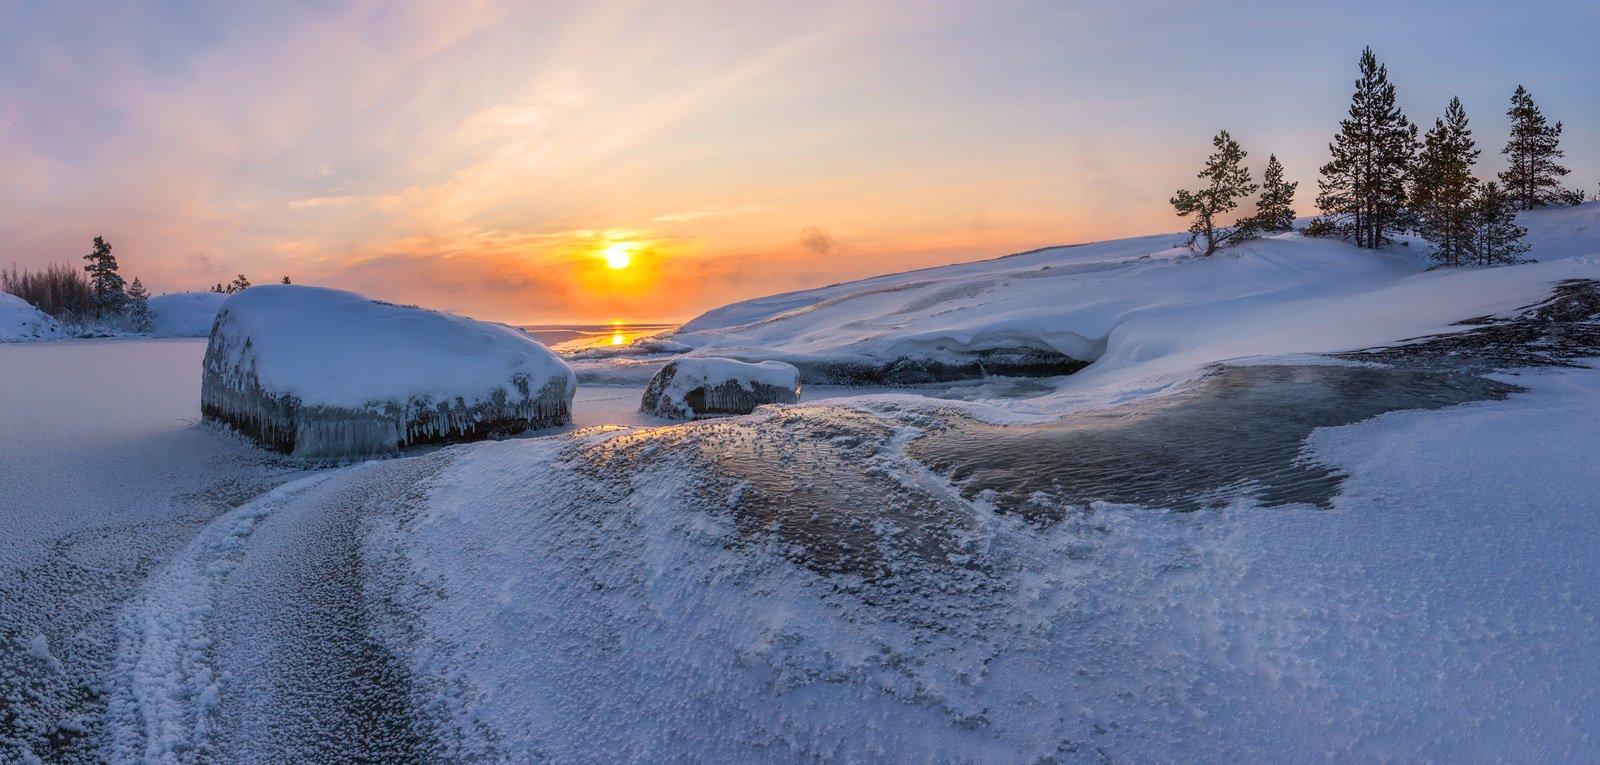 ладога, ладожское озеро, ладожские шхеры, карелия, зима, снег, лёд, мороз, остров, фототур, Арсений Кашкаров